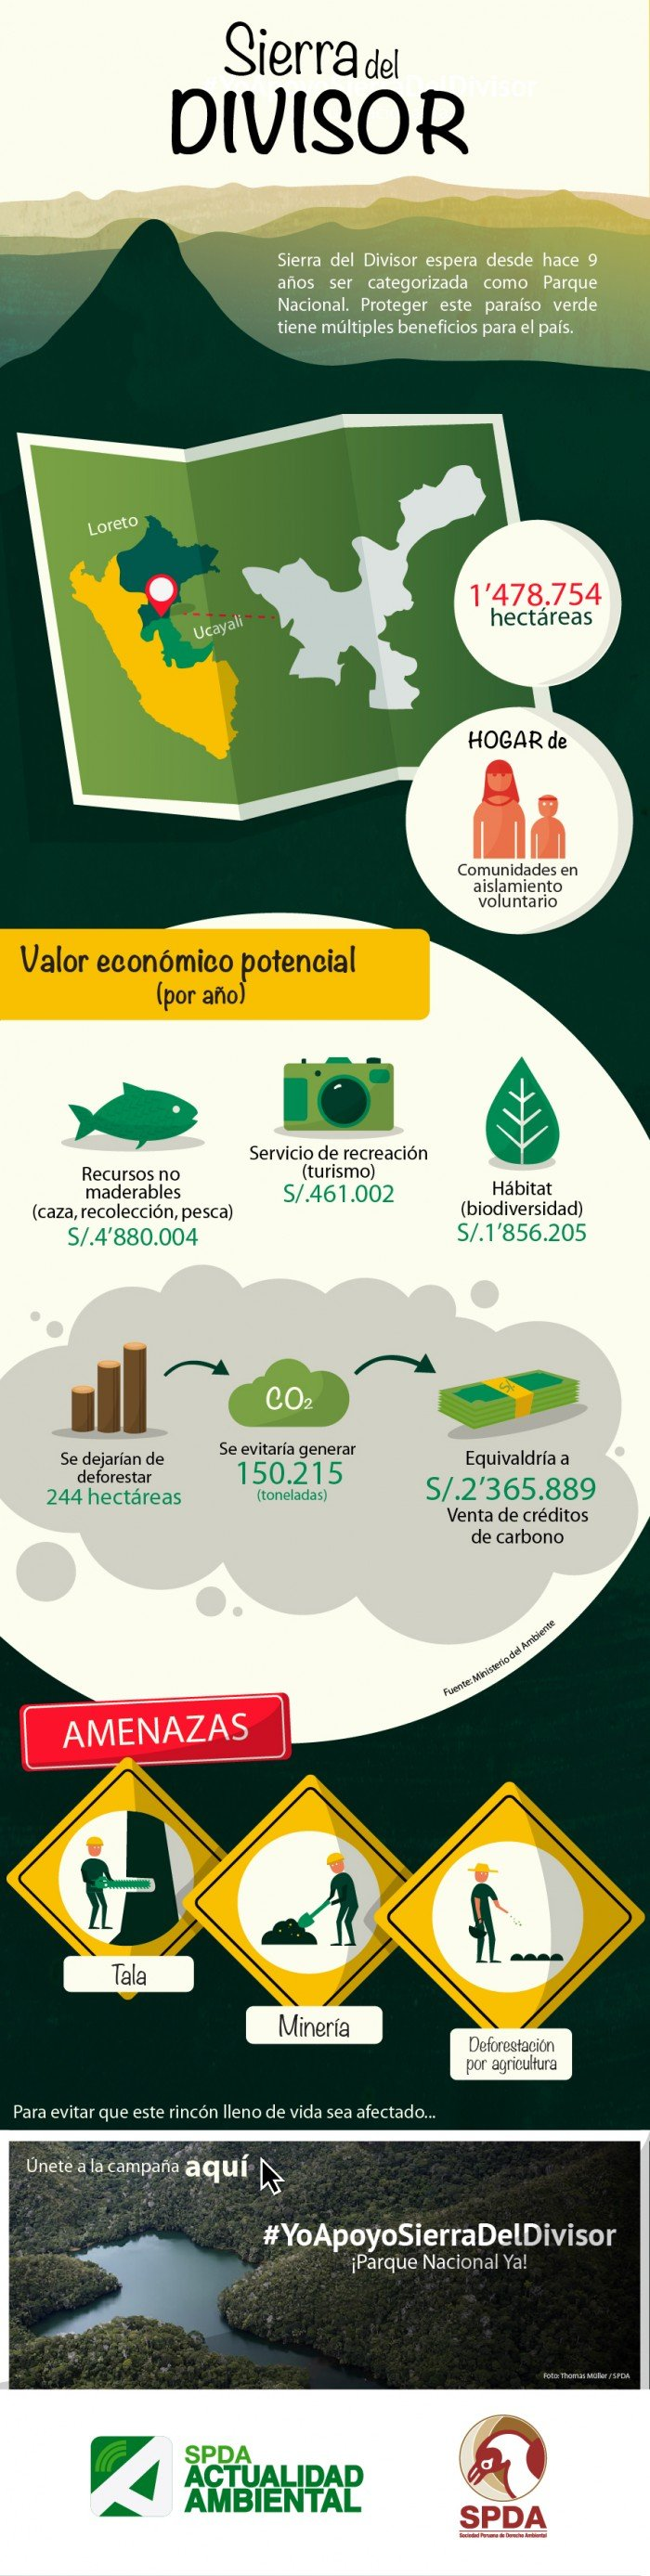 Infografía sobre Sierra del Divisor